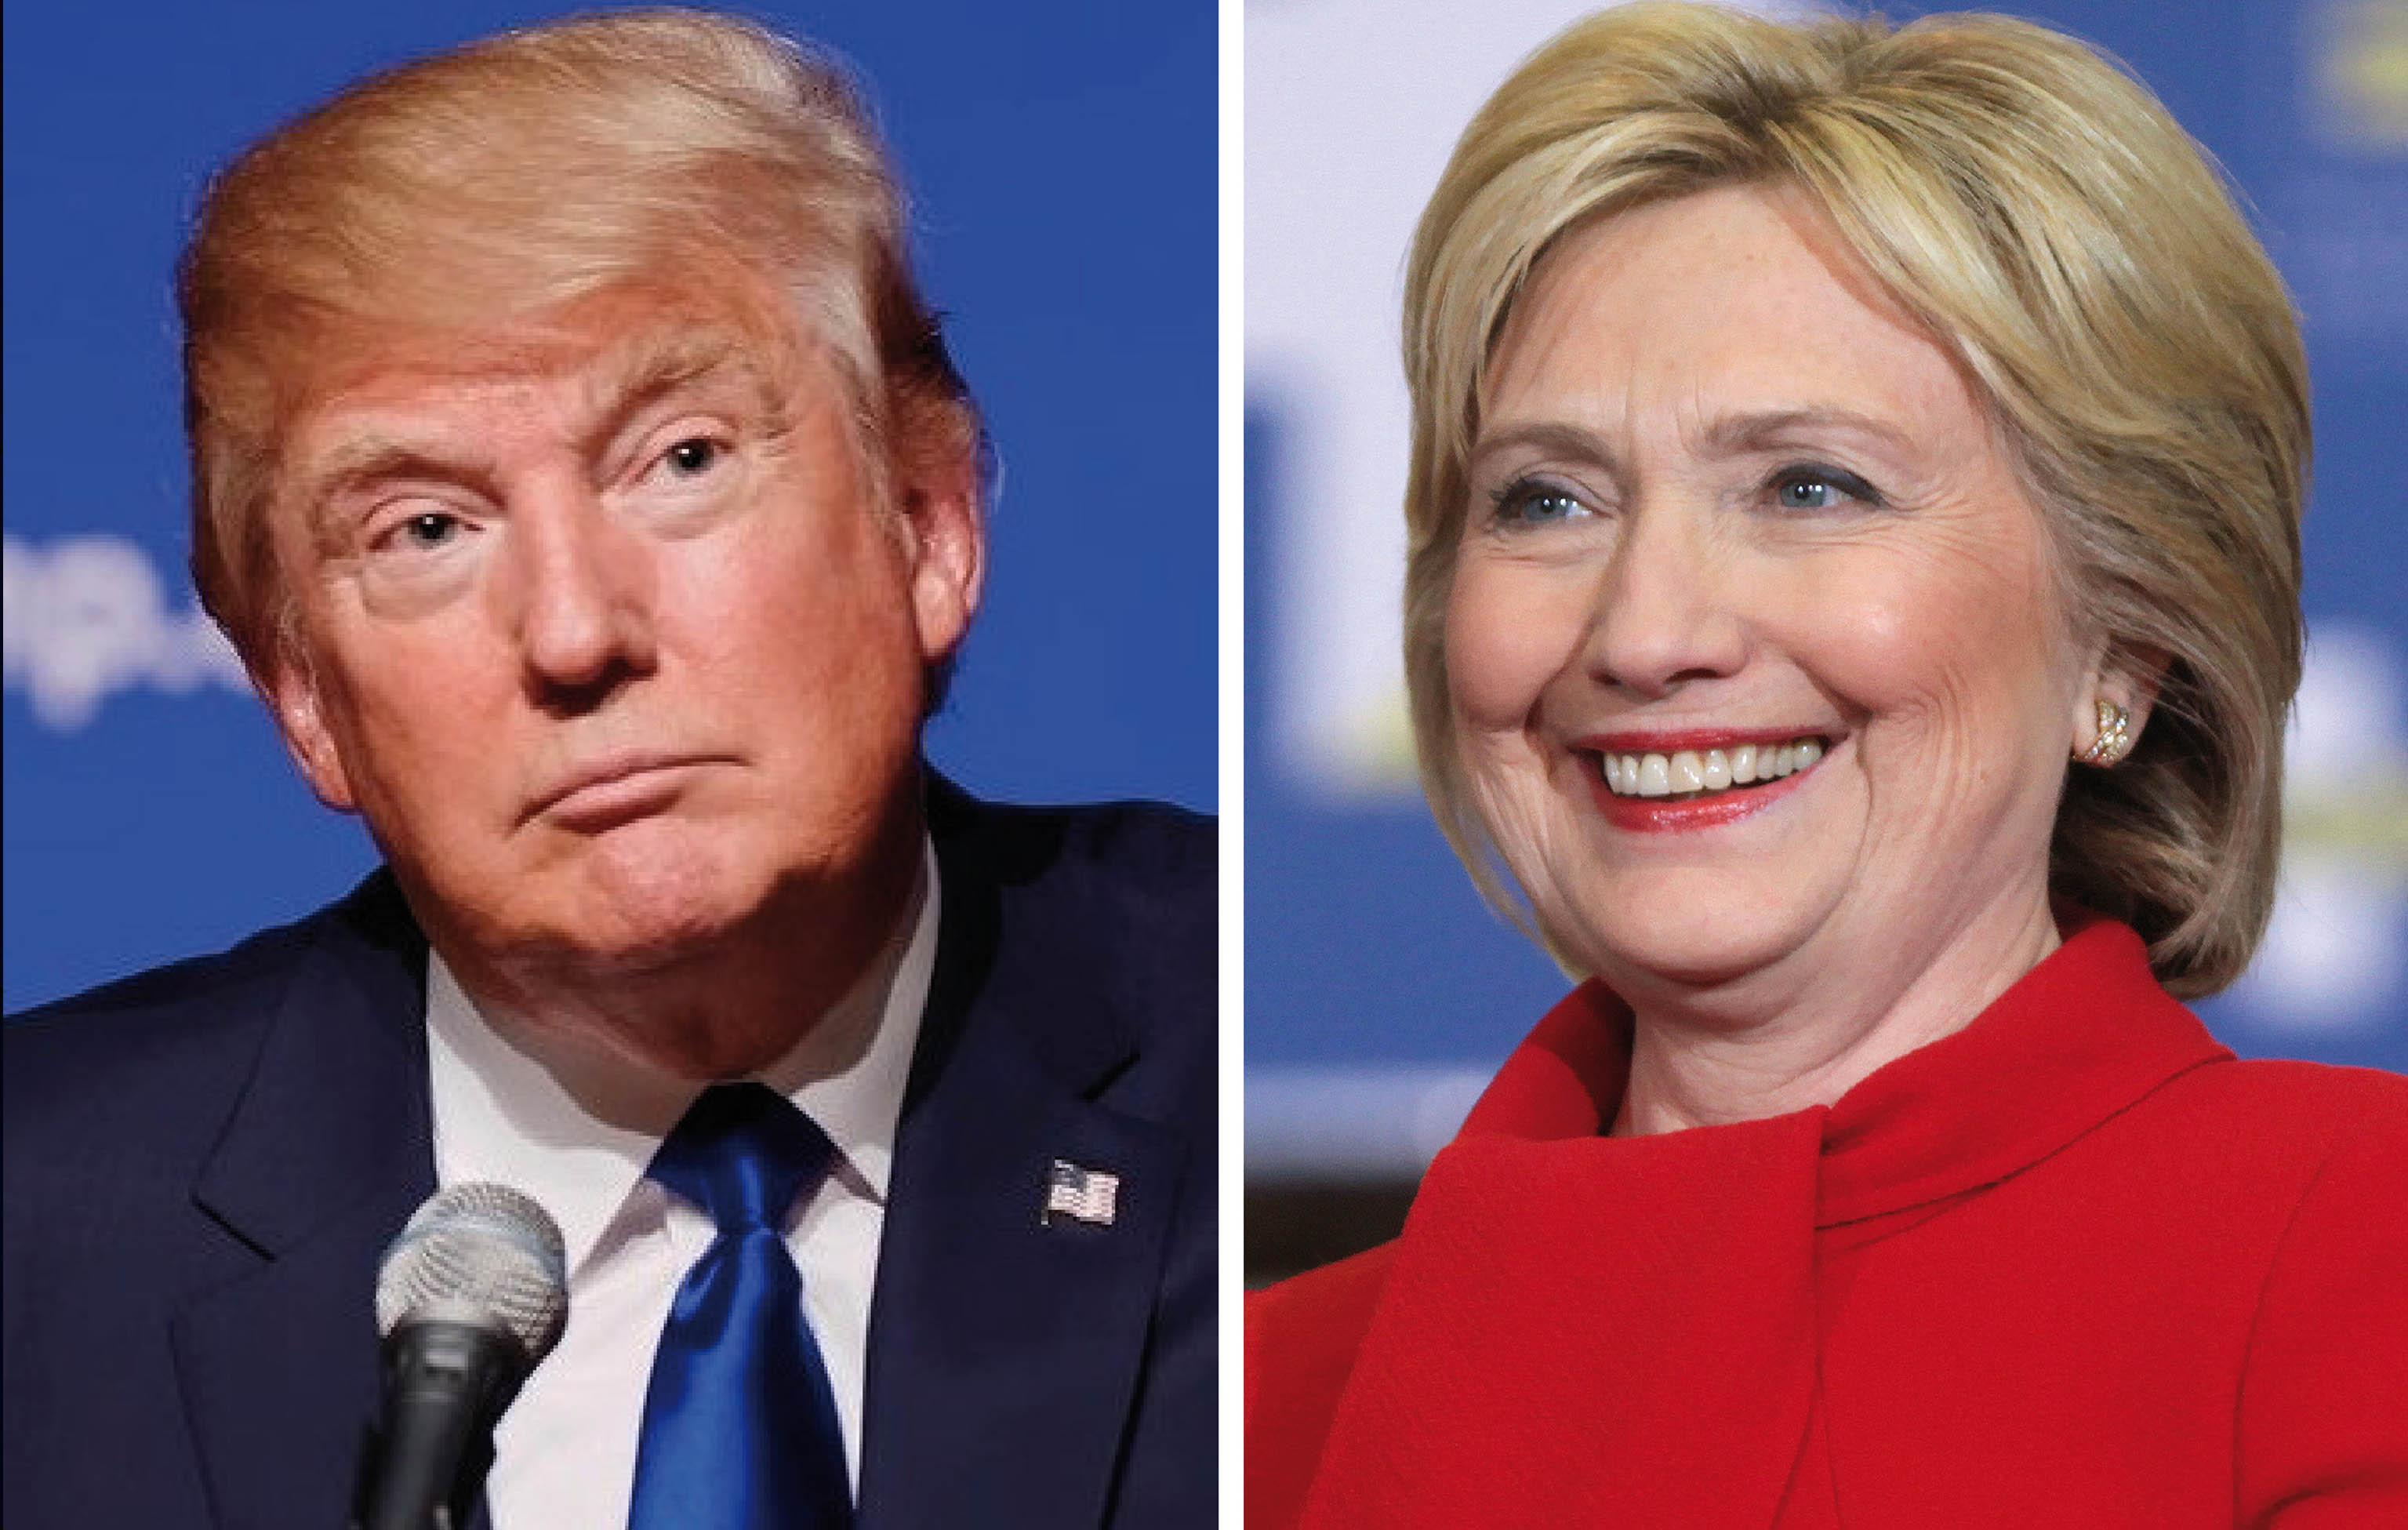 Hillary Clinton triunfó en el debate, aunque no garantiza su llegada a la presidencia de los Estados Unidos-UNAM